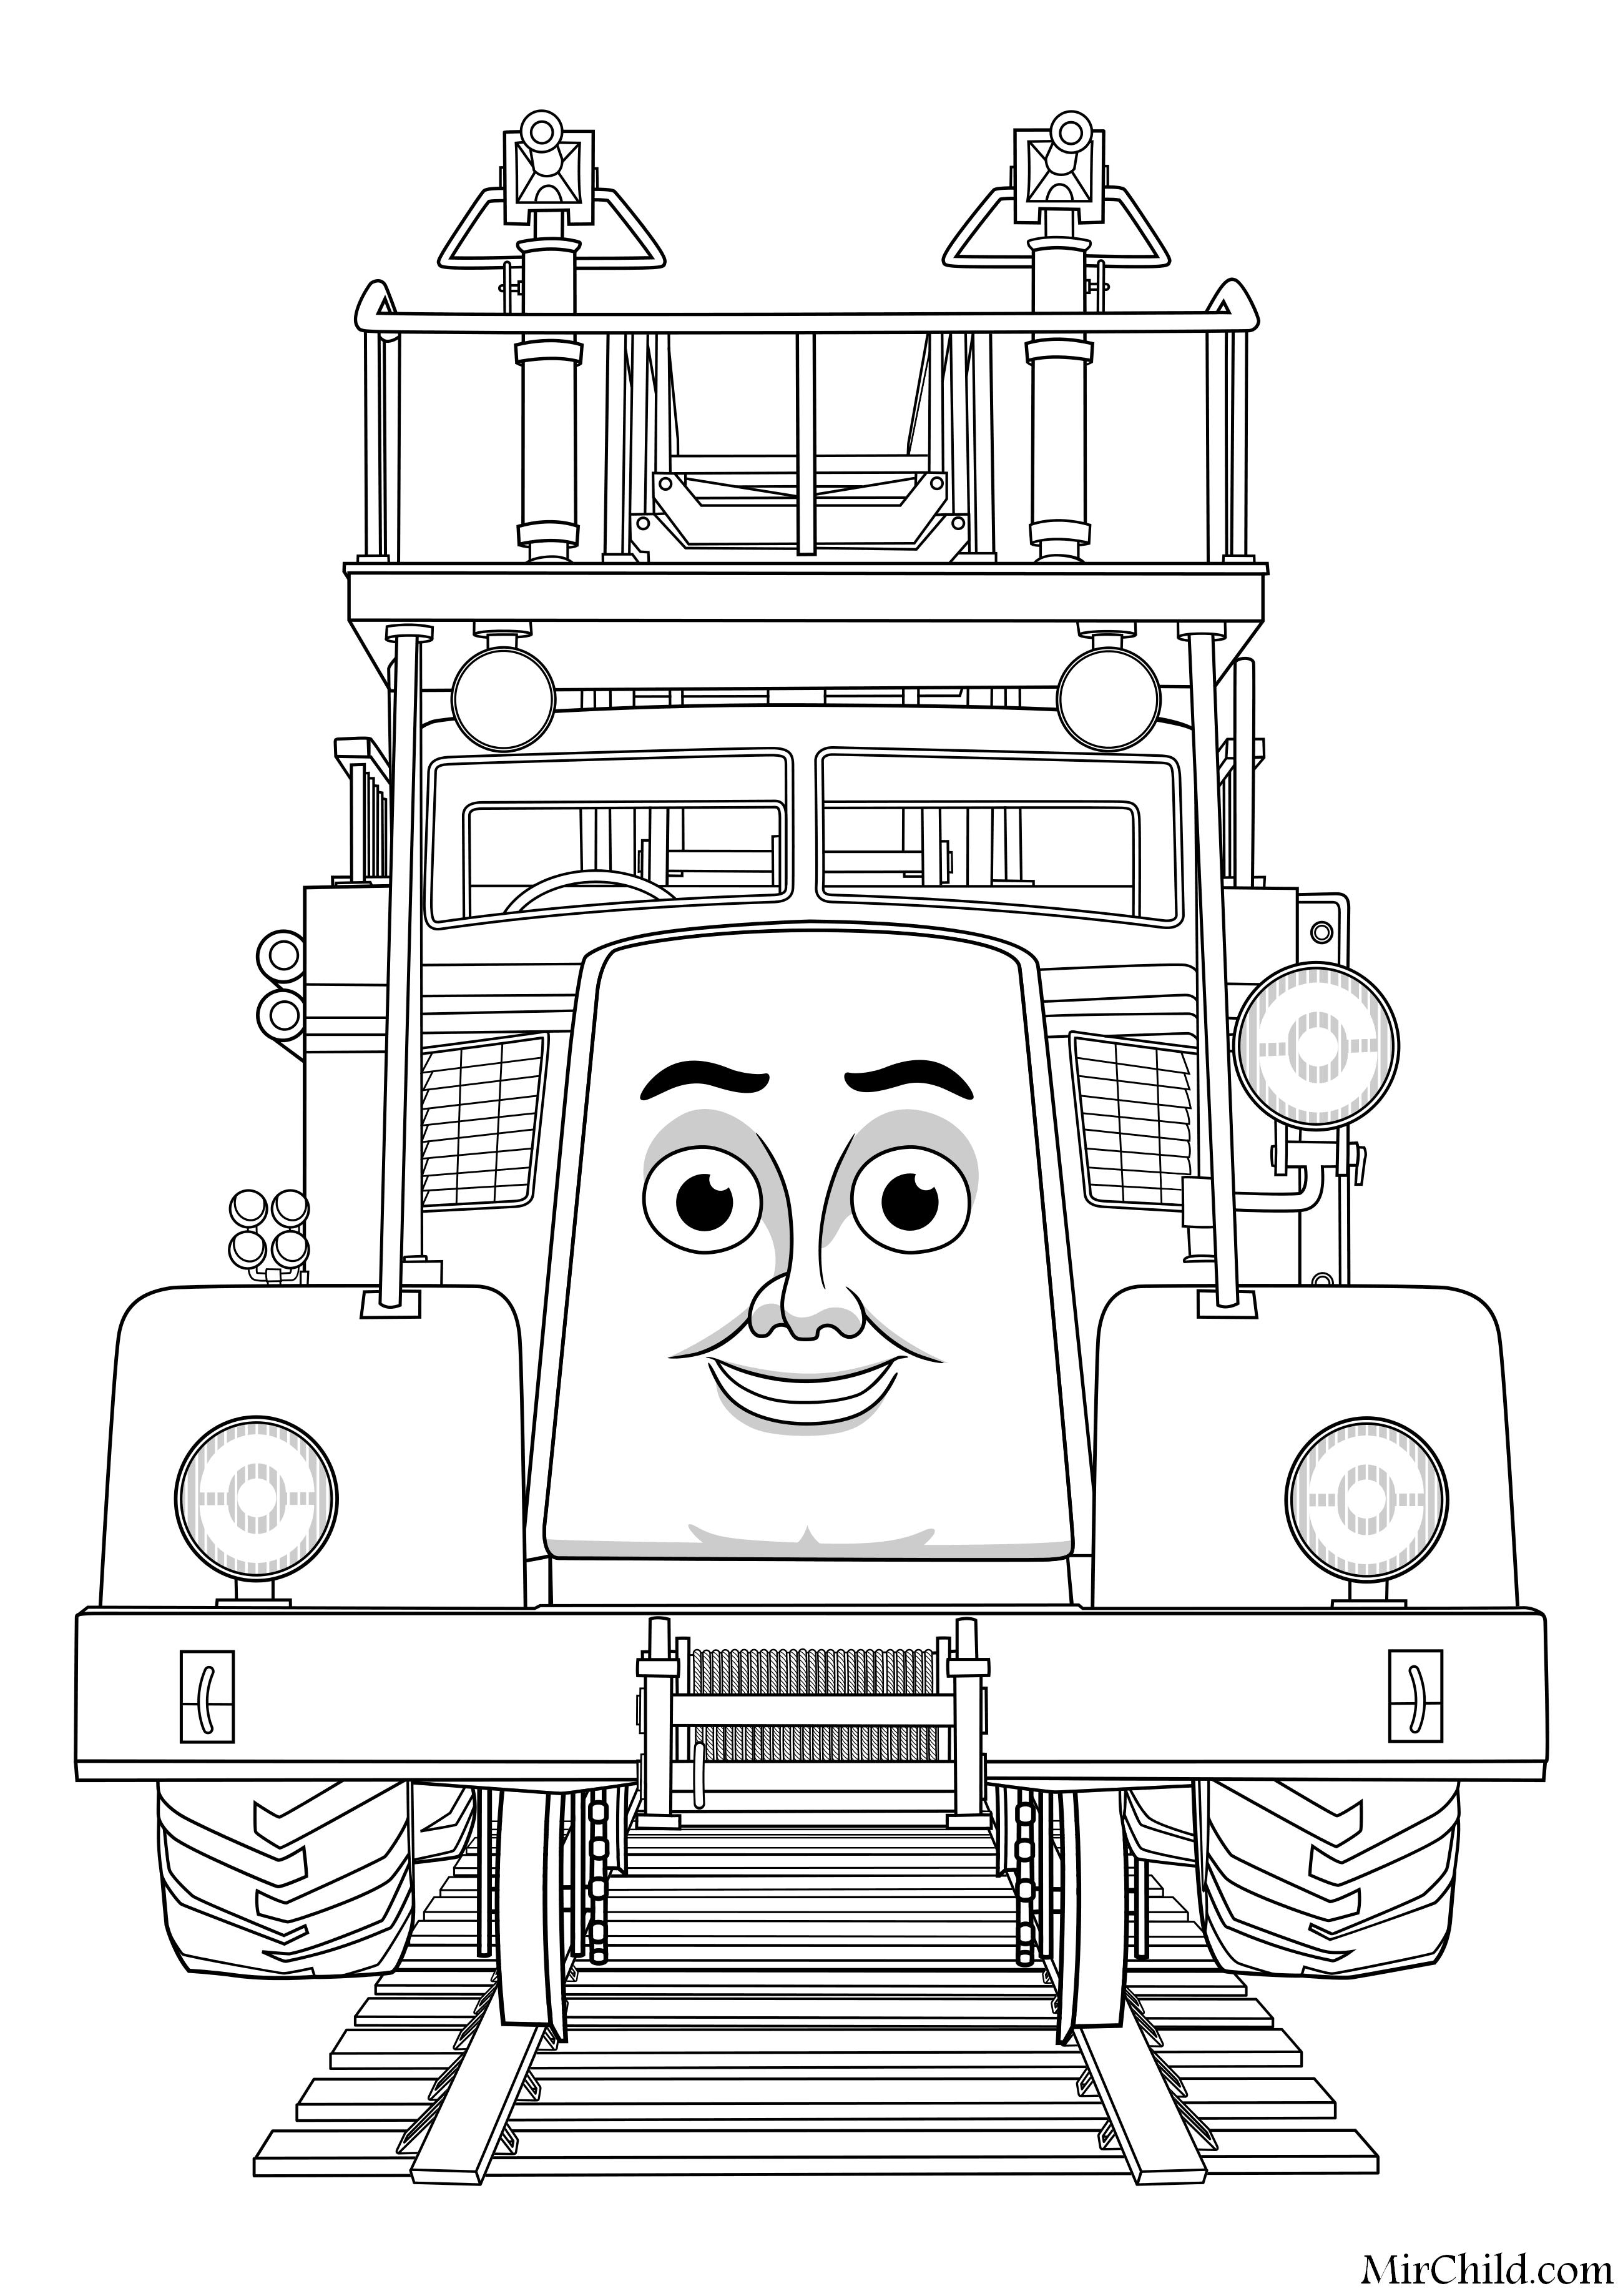 Раскраска - Томас и его друзья - Флинн | MirChild